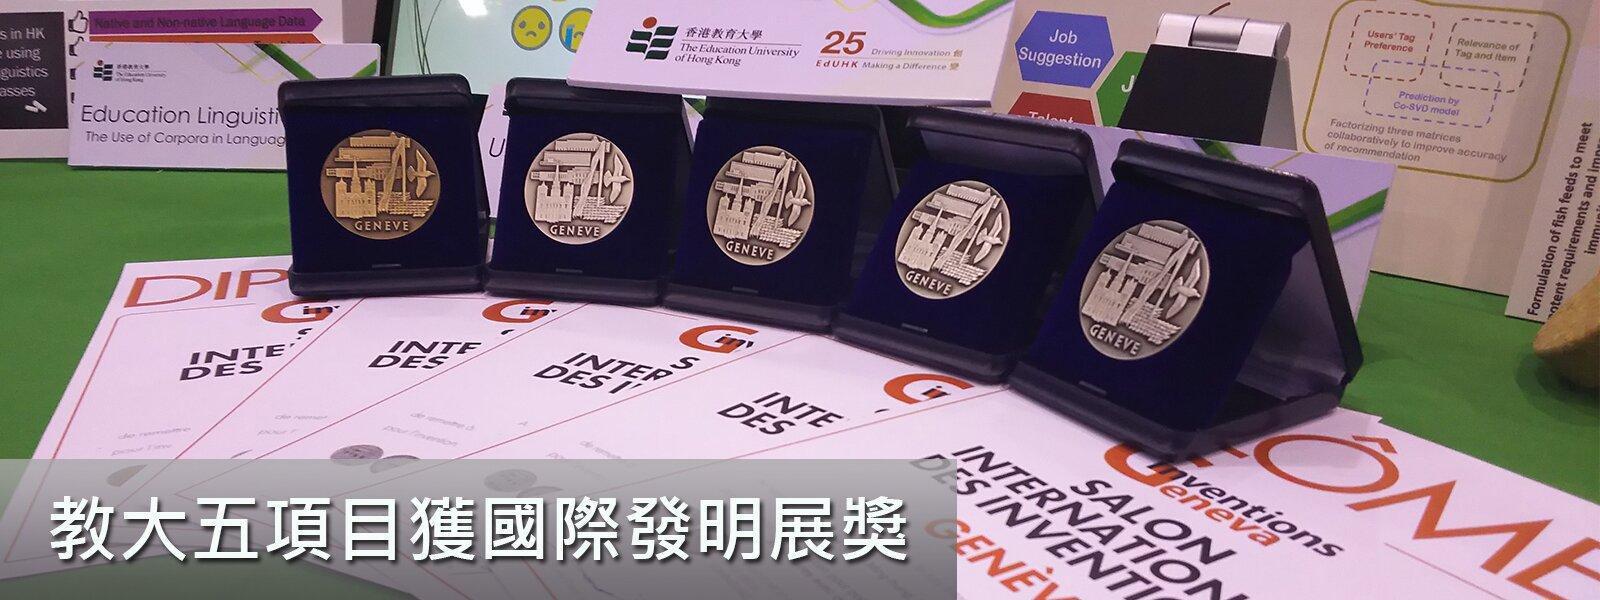 教大五項目獲國際發明展獎